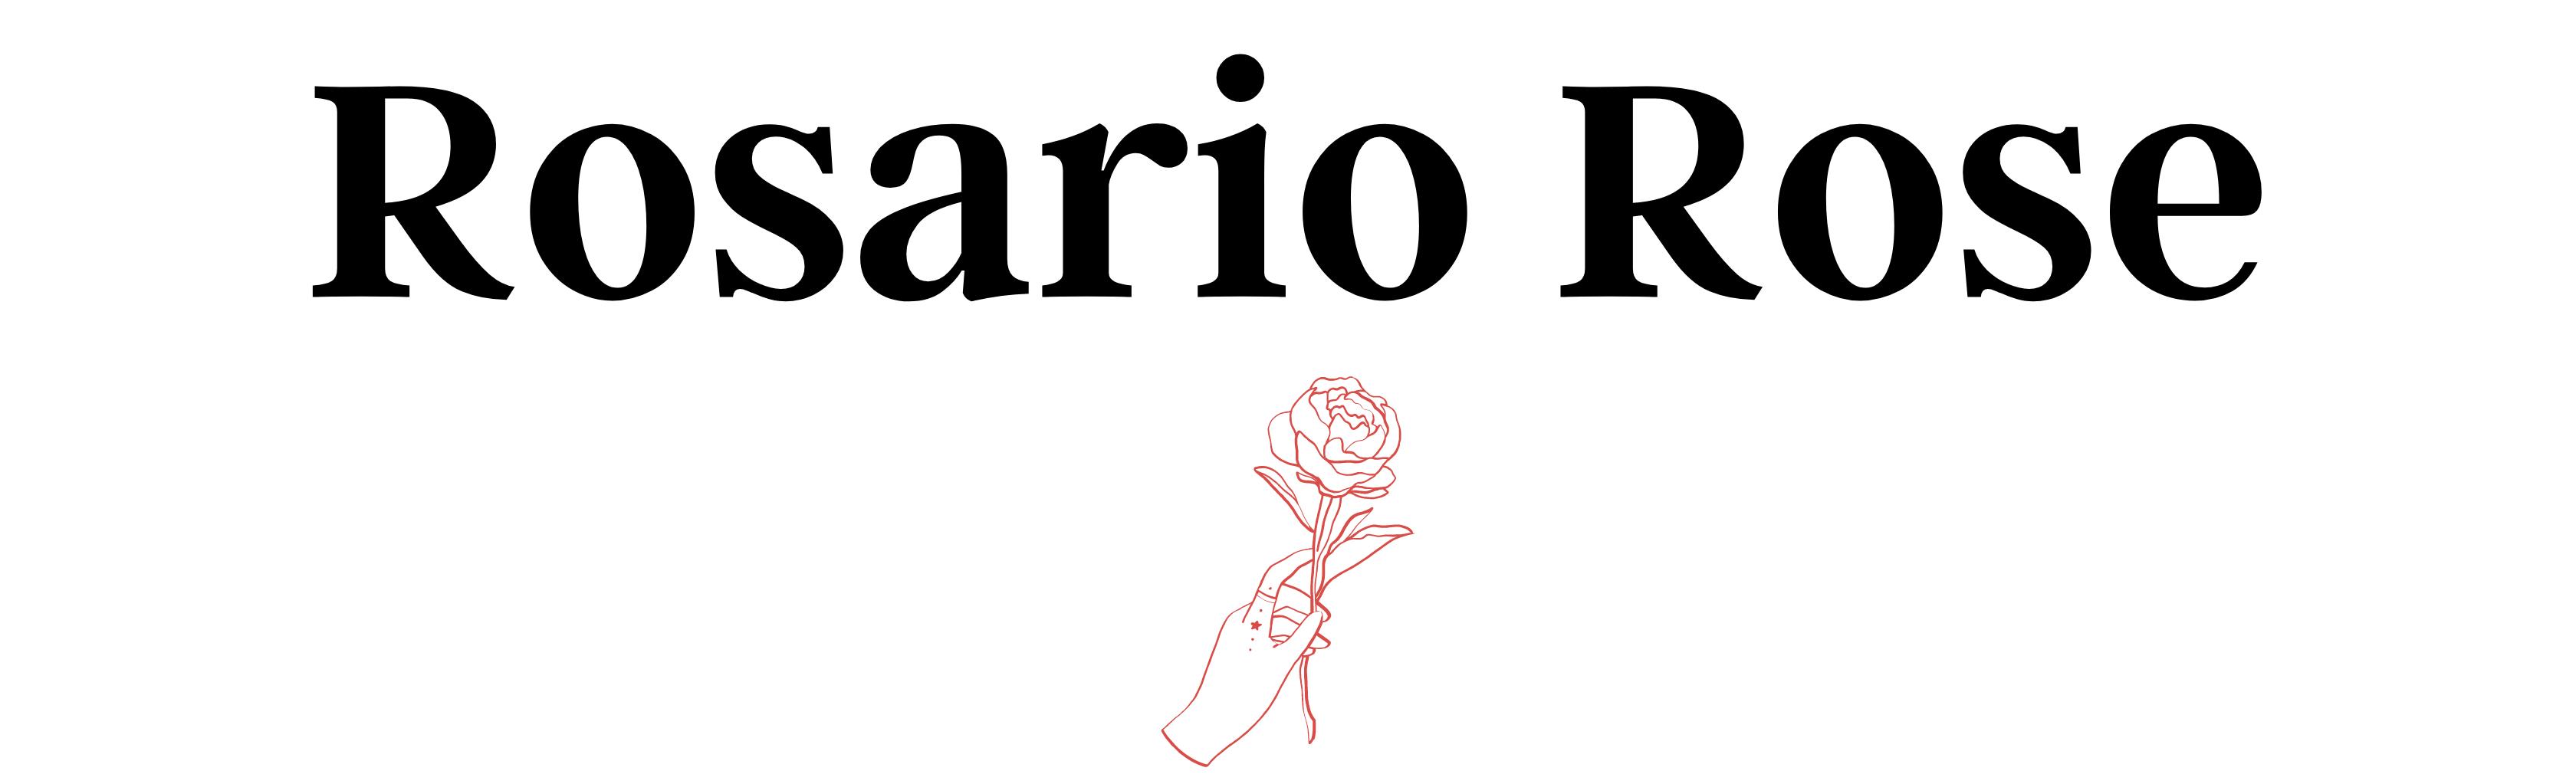 RosarioRose